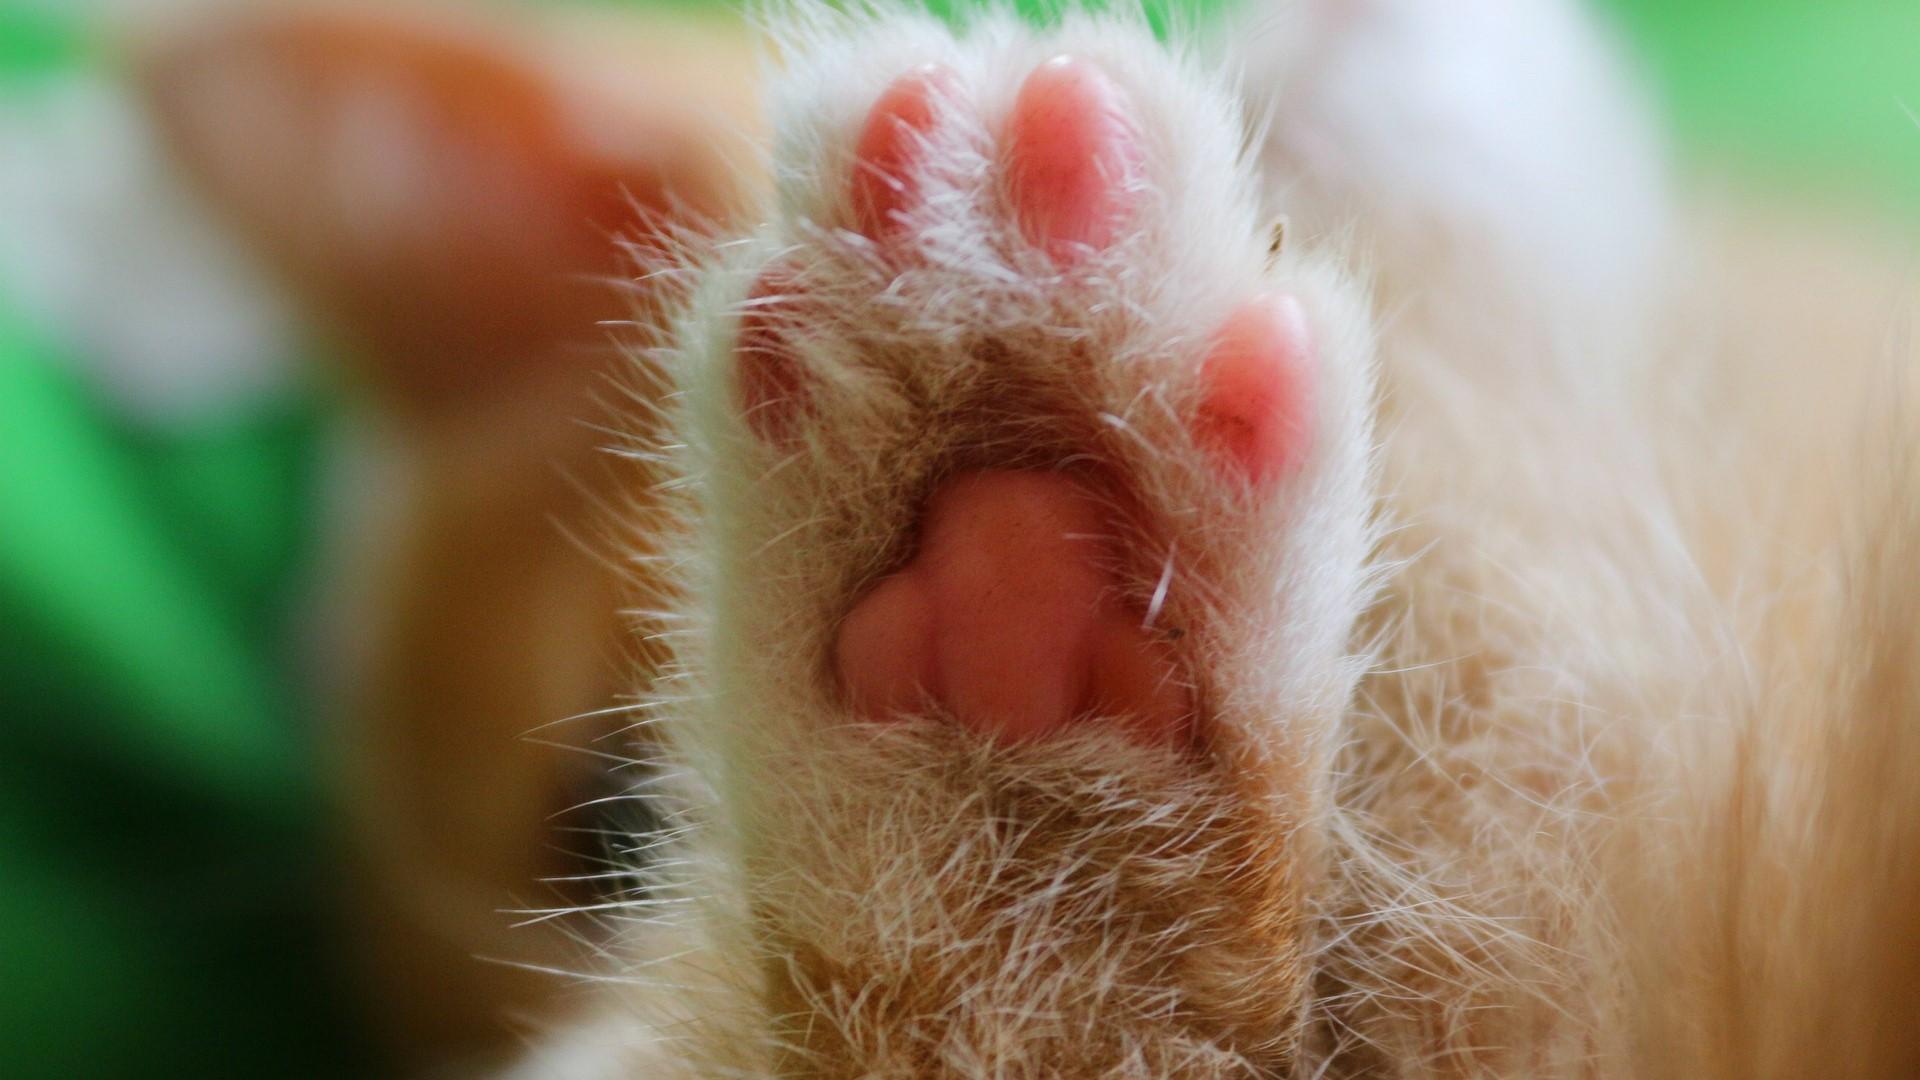 de poot van een kat